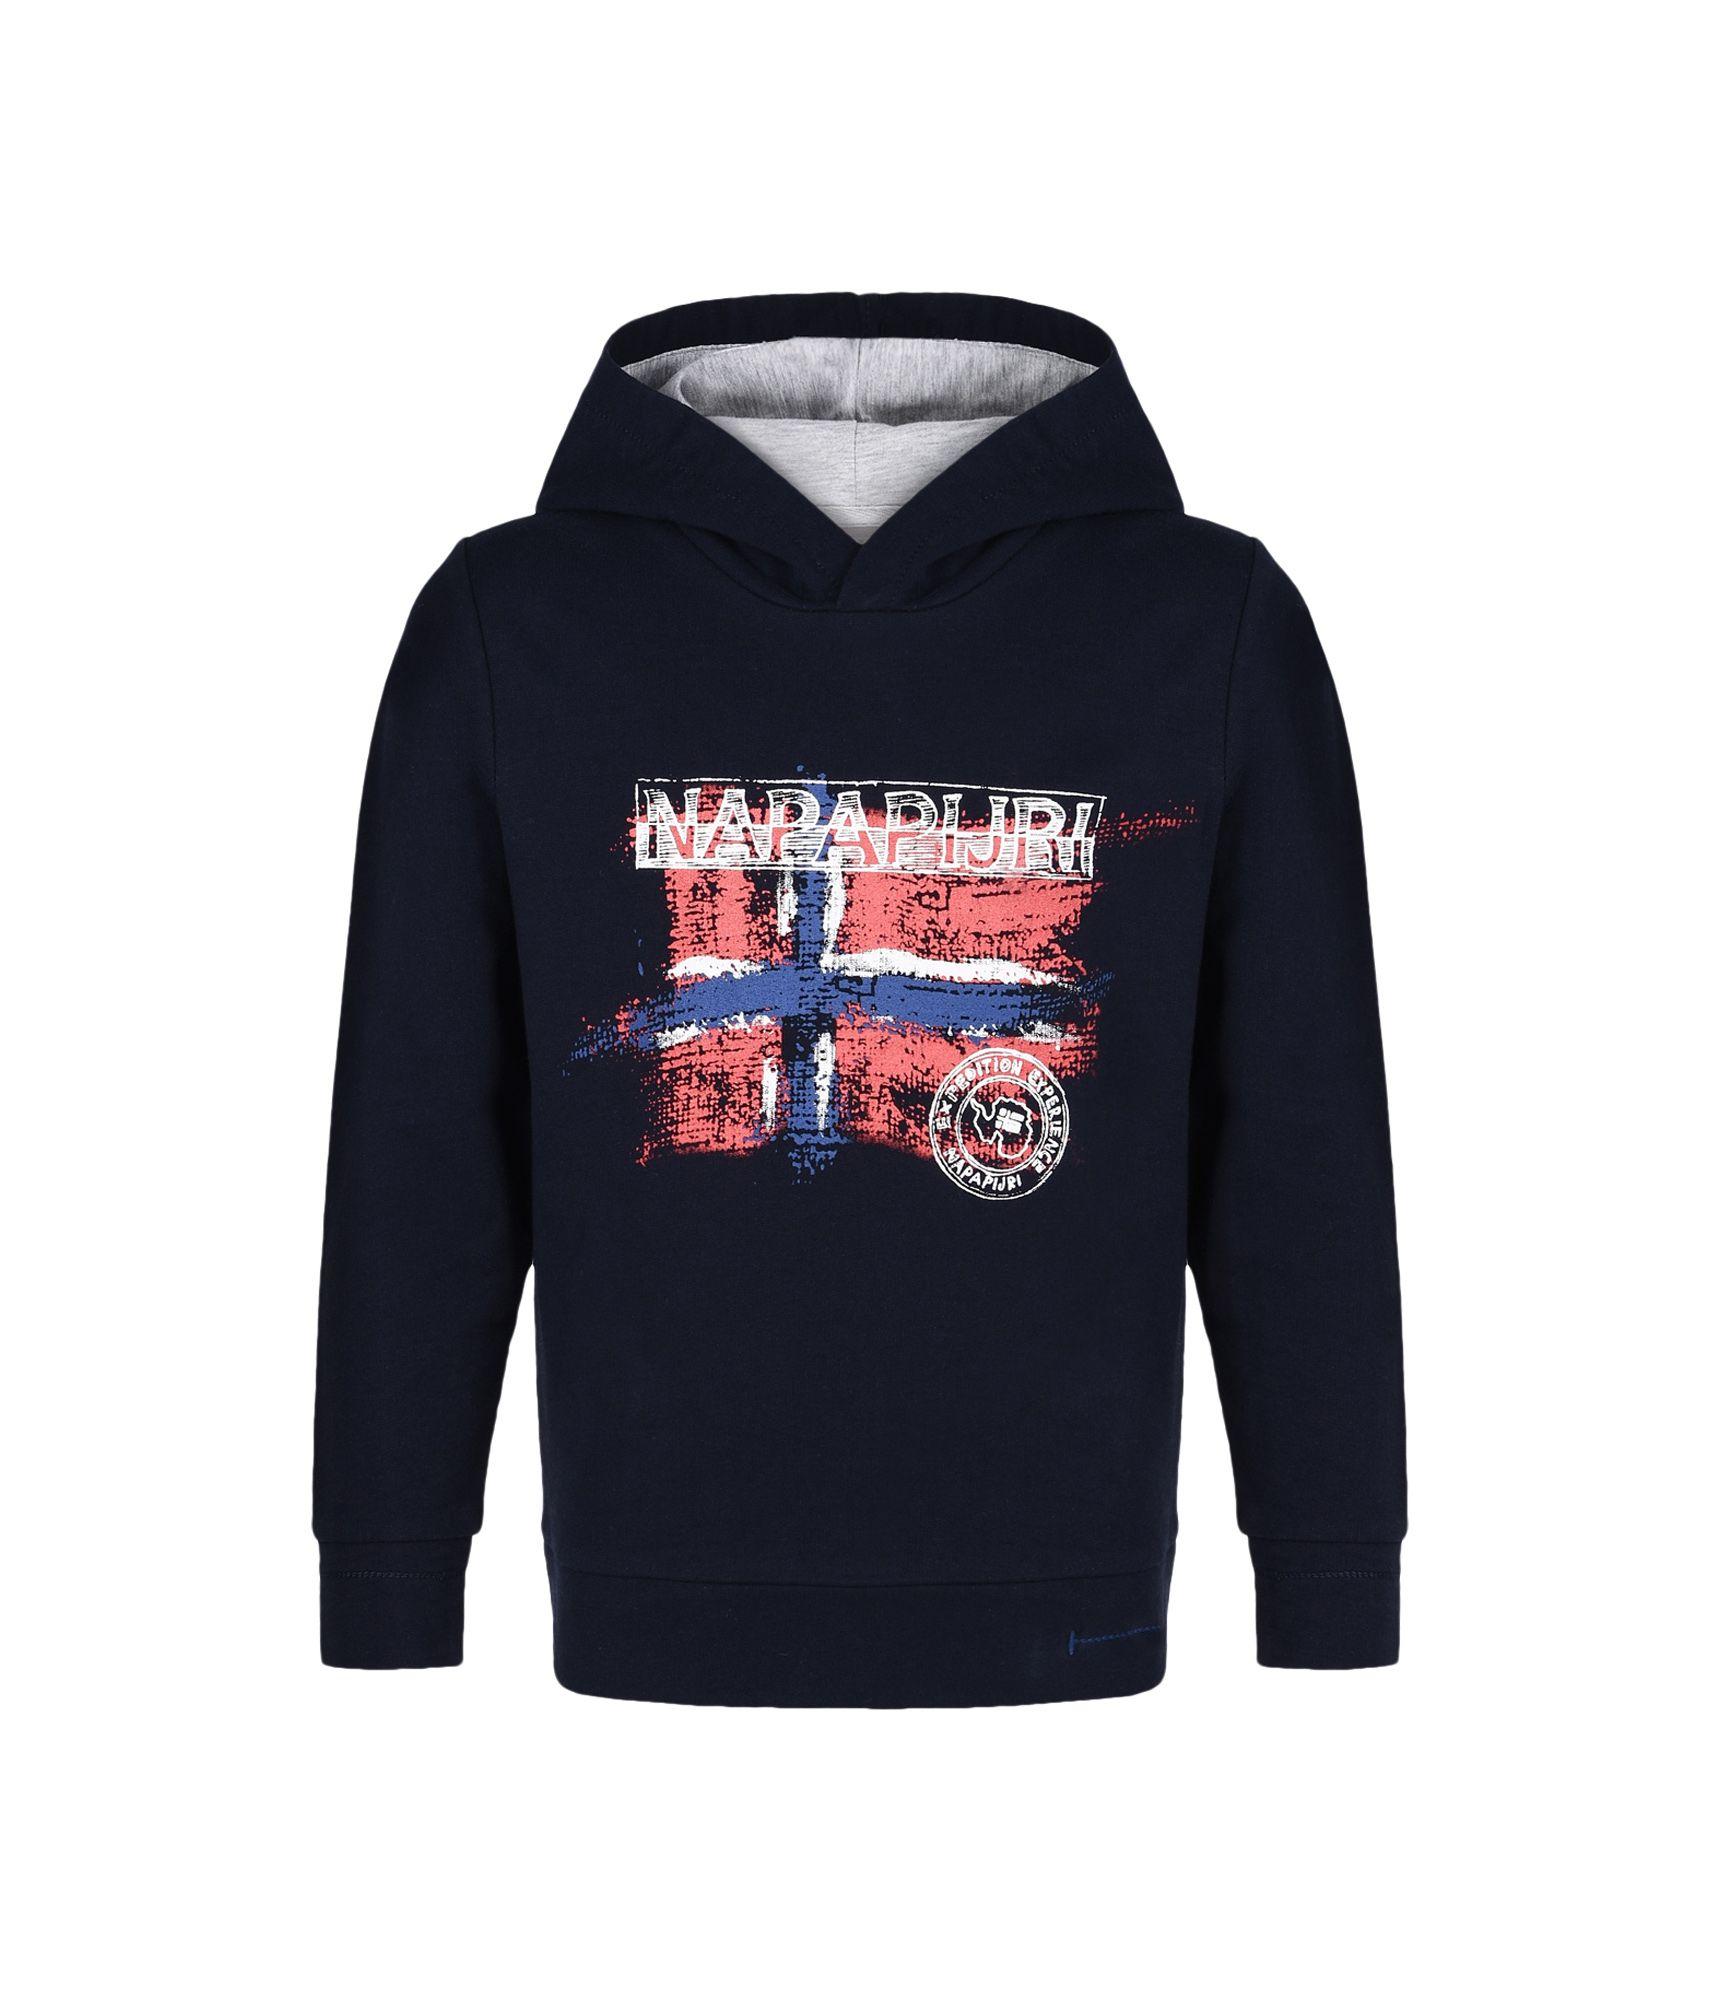 Artikel klicken und genauer betrachten! - Kapuzensweatshirt Kontrastfarbenes Jersey-Kapuzenfutter Kontrastnahtdetails Grafikelemente | im Online Shop kaufen